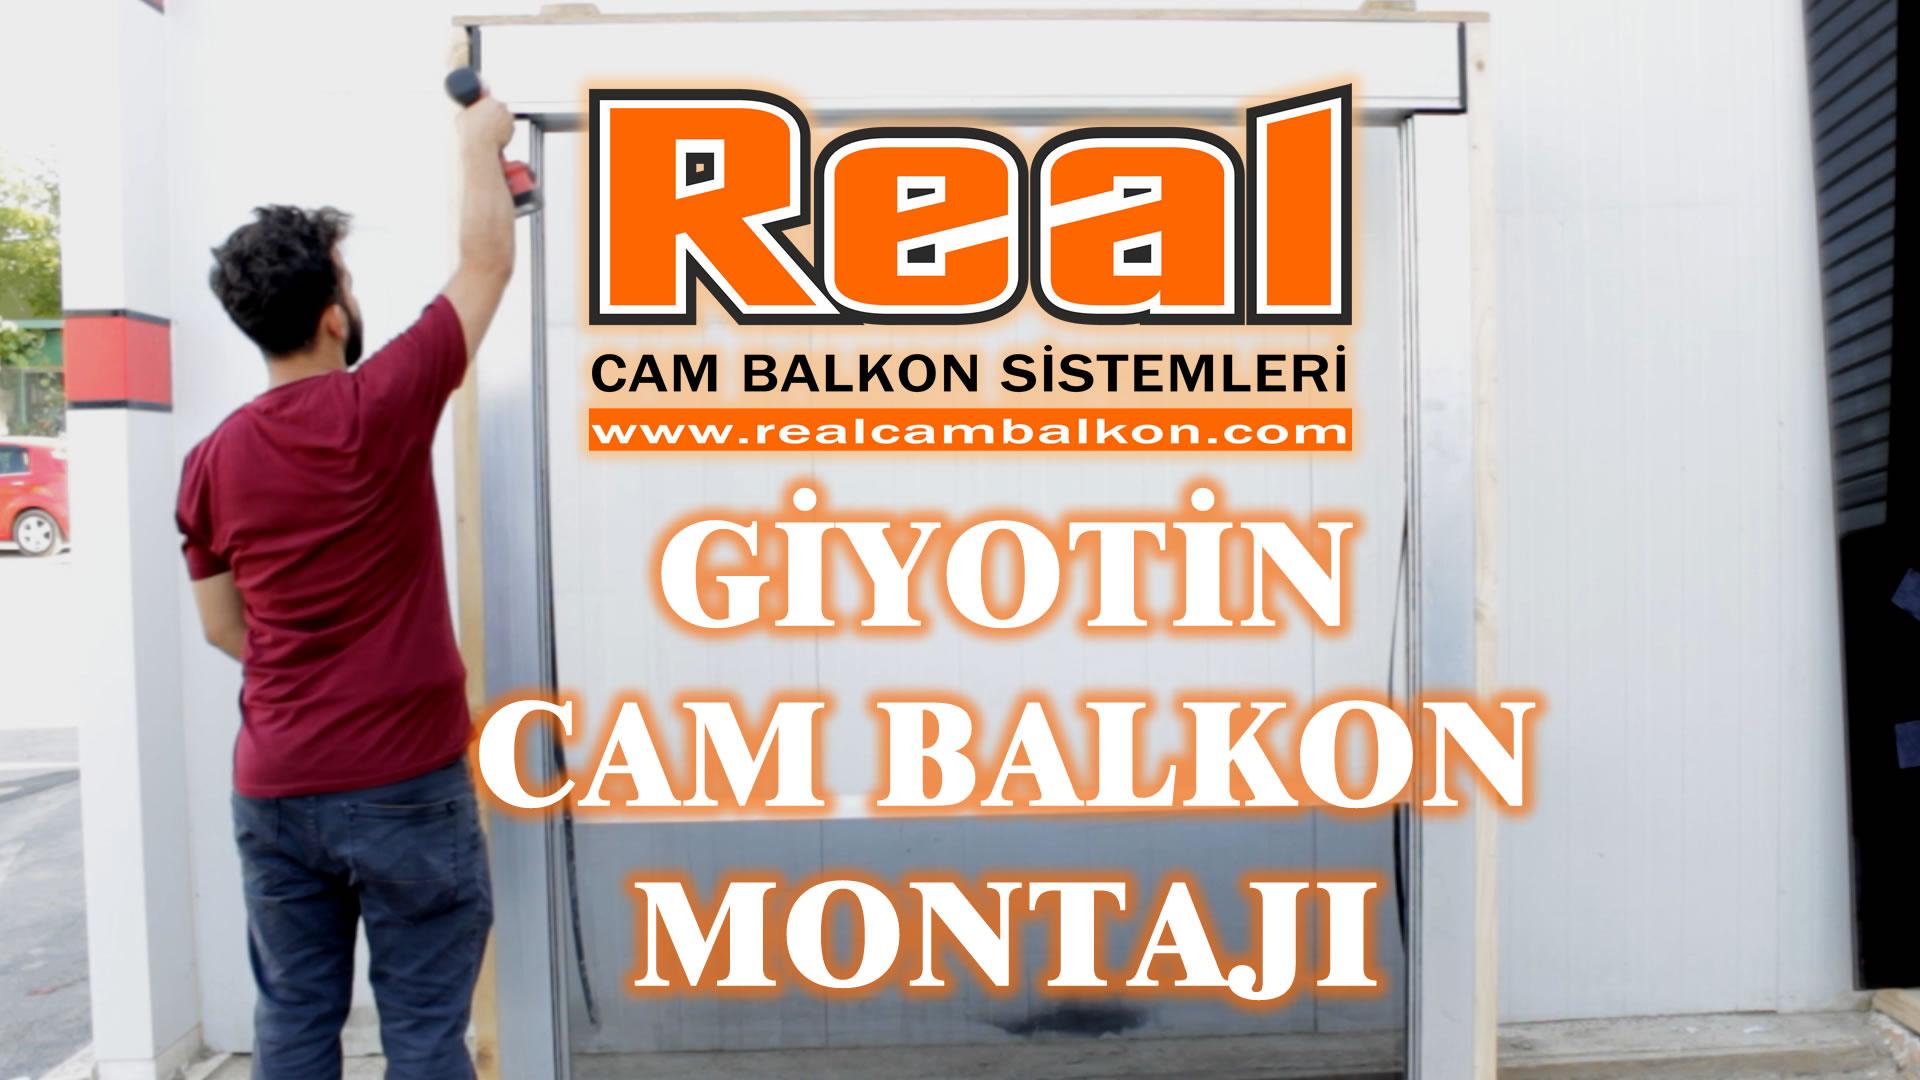 Giyotin-Cam-Balkon-Montaji